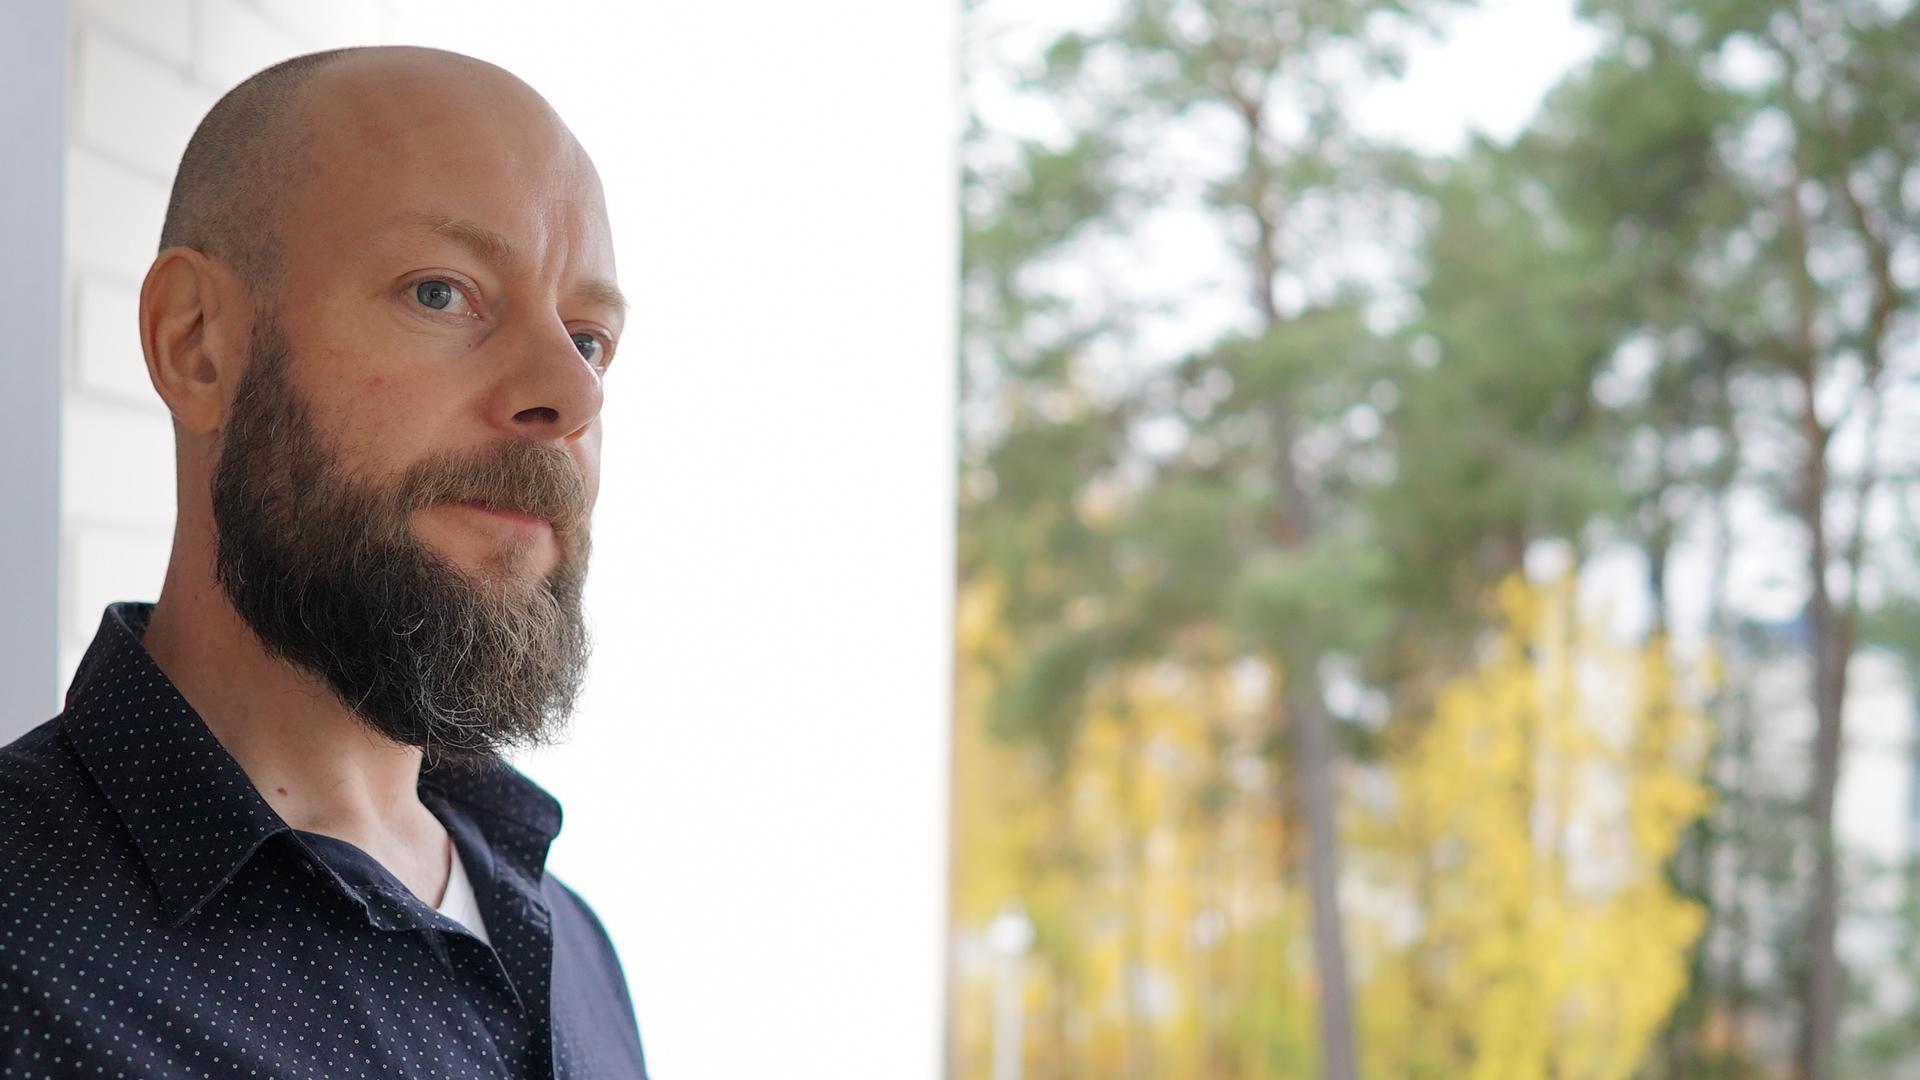 Tuomas Peltola